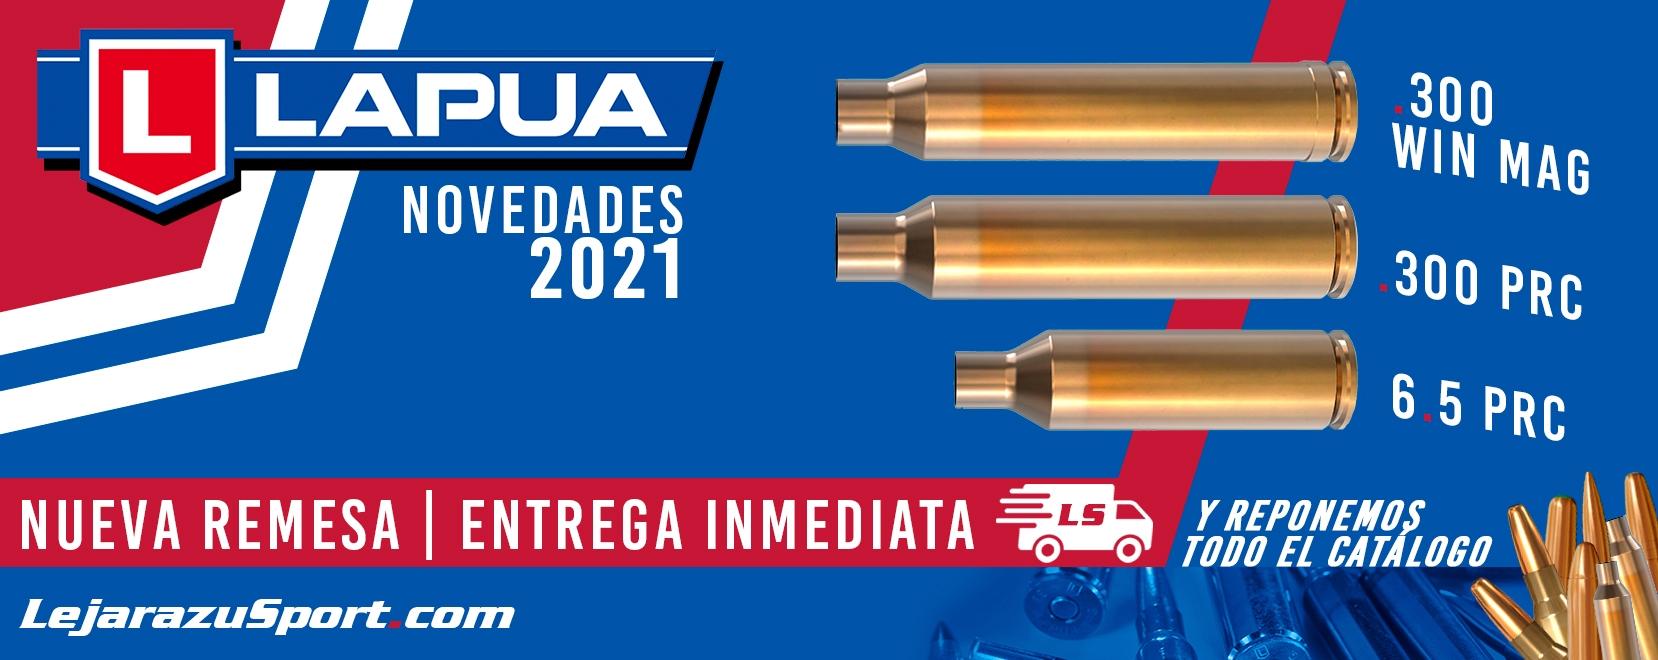 Novedades Lapua 2021 y reponemos stock en LejarazuSport.com